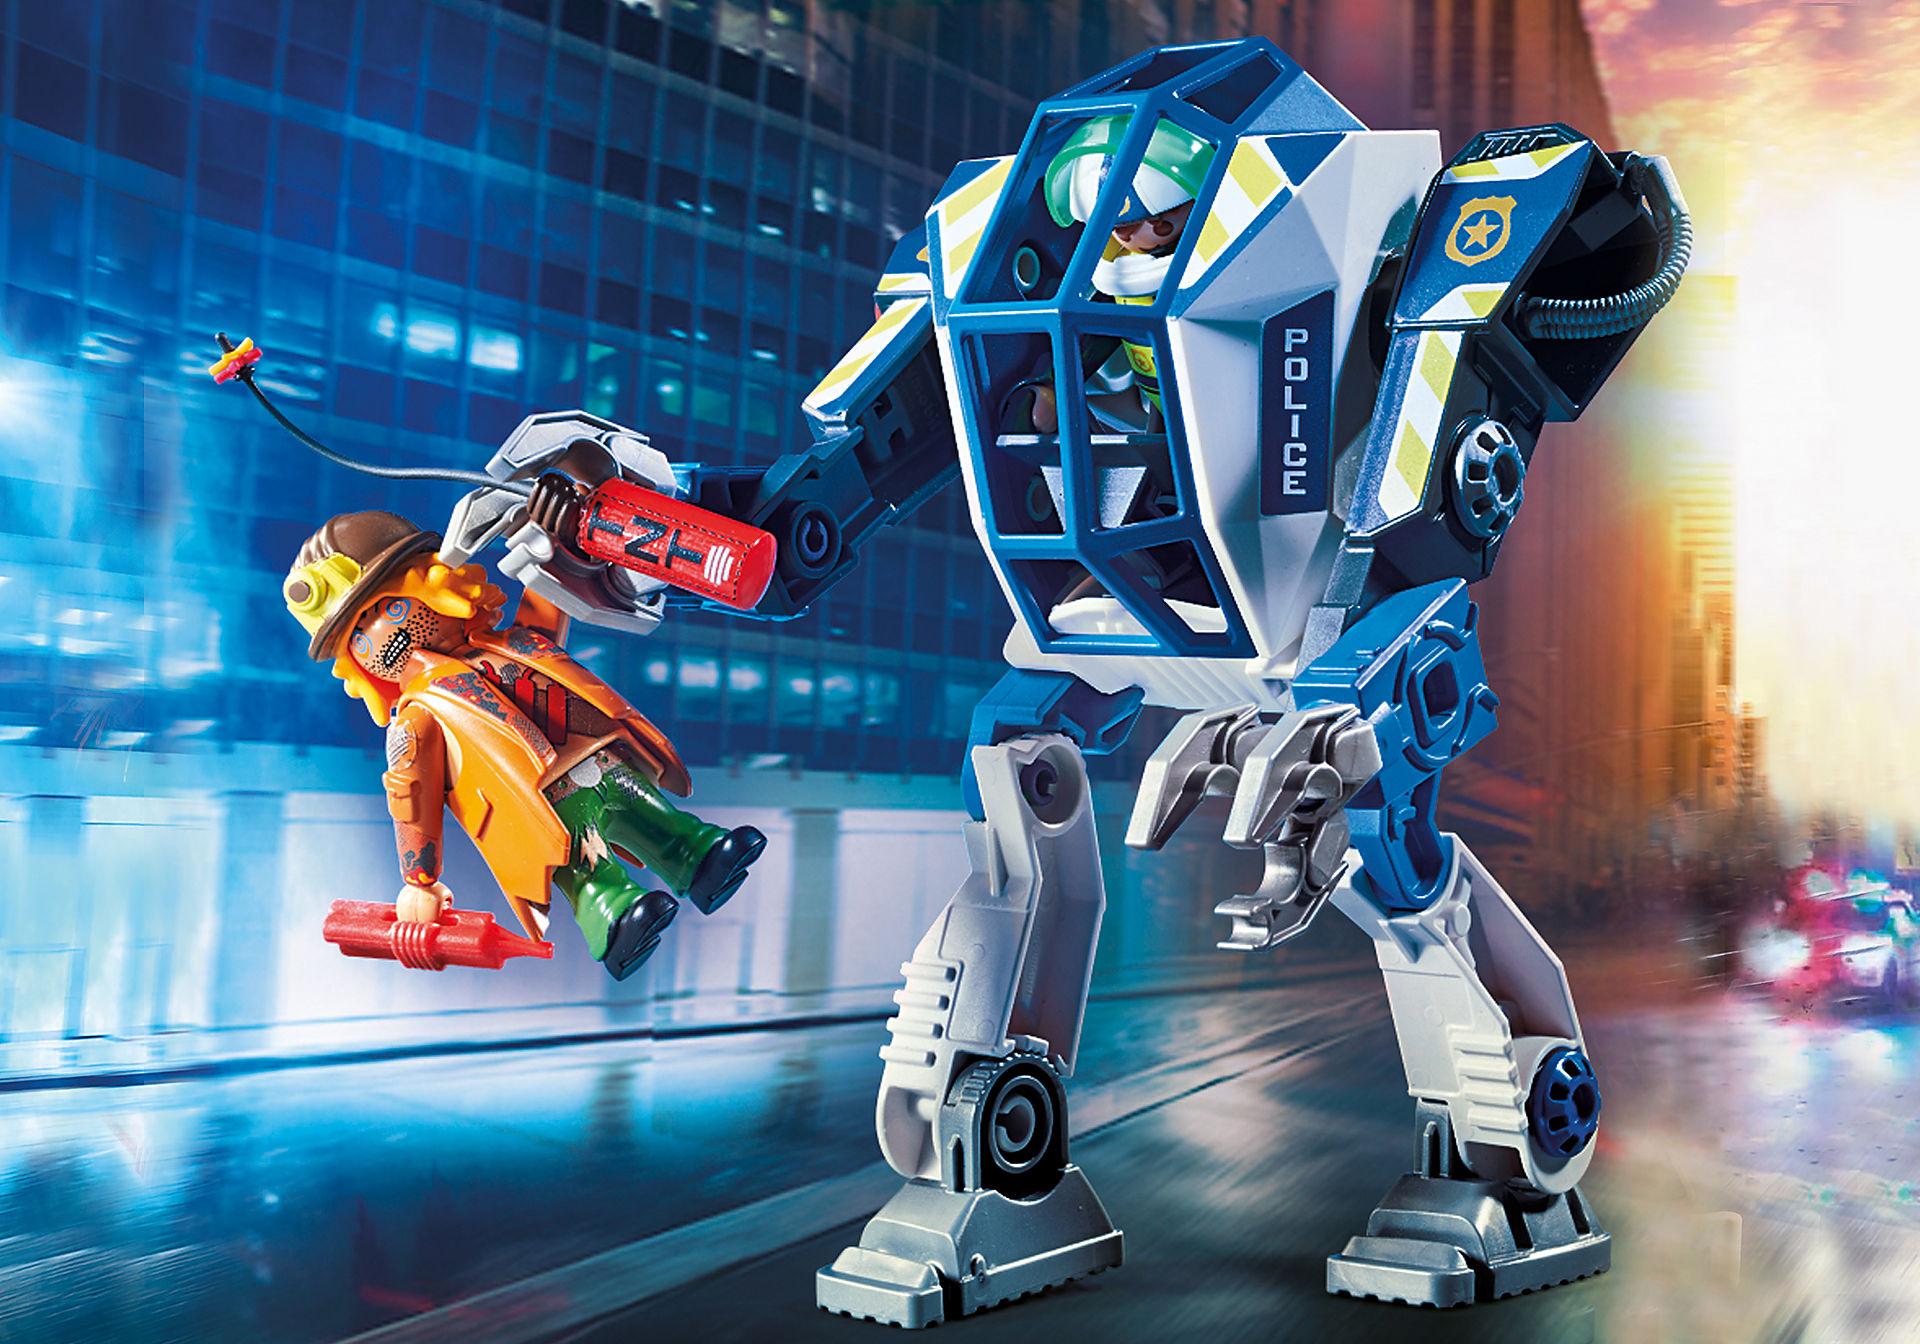 70571 Politirobot: Specialindsats  zoom image4